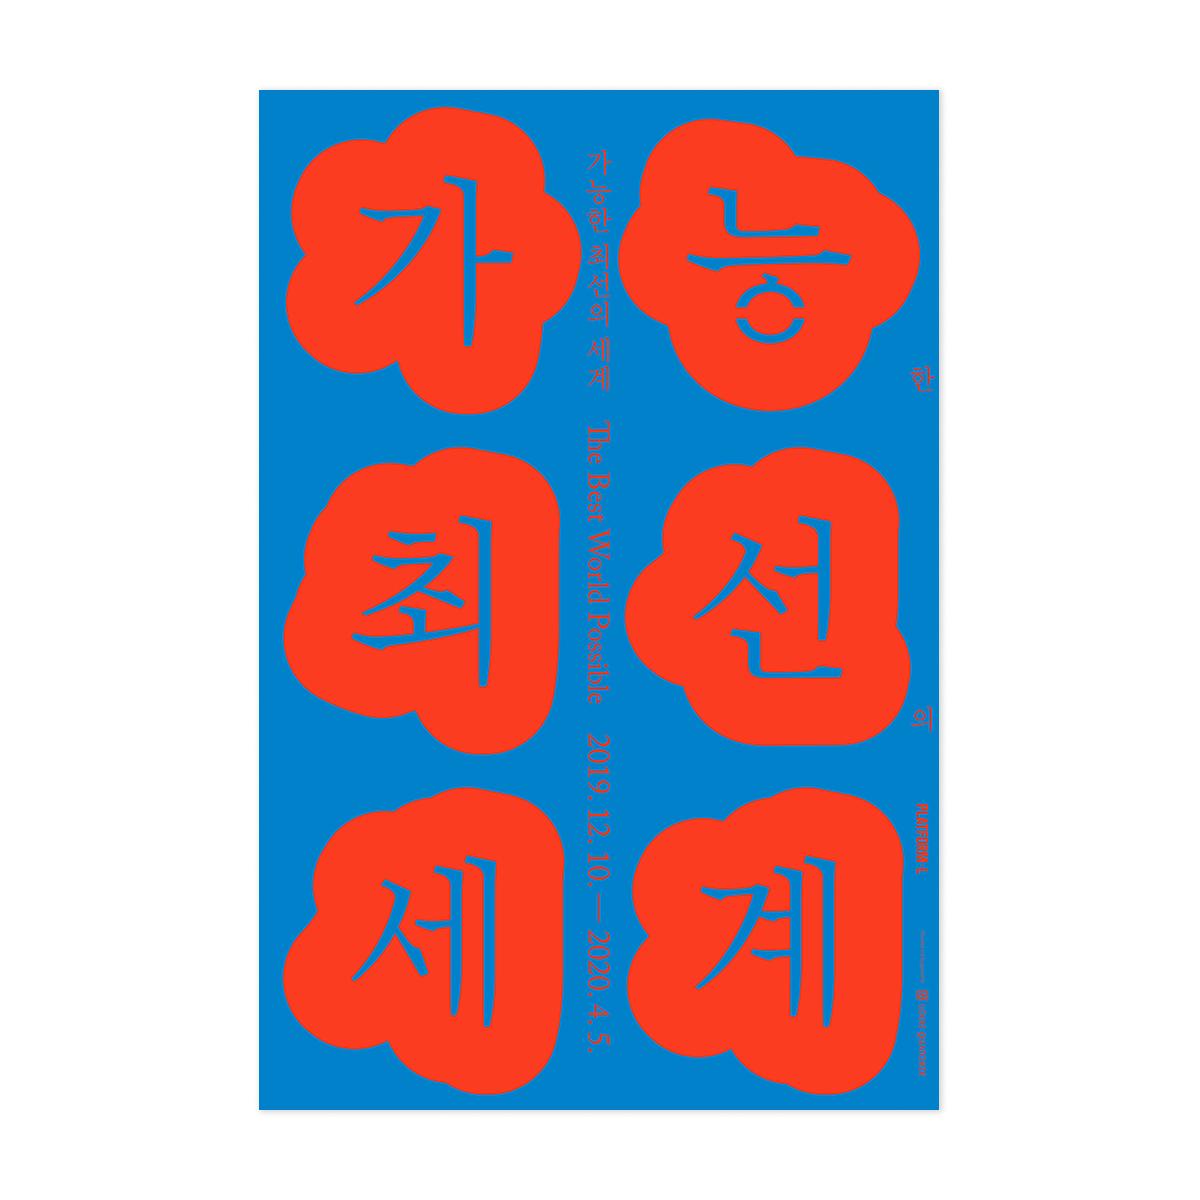 플랫폼엘 ≪가능한 최선의 세계≫ 포스터 (블루)